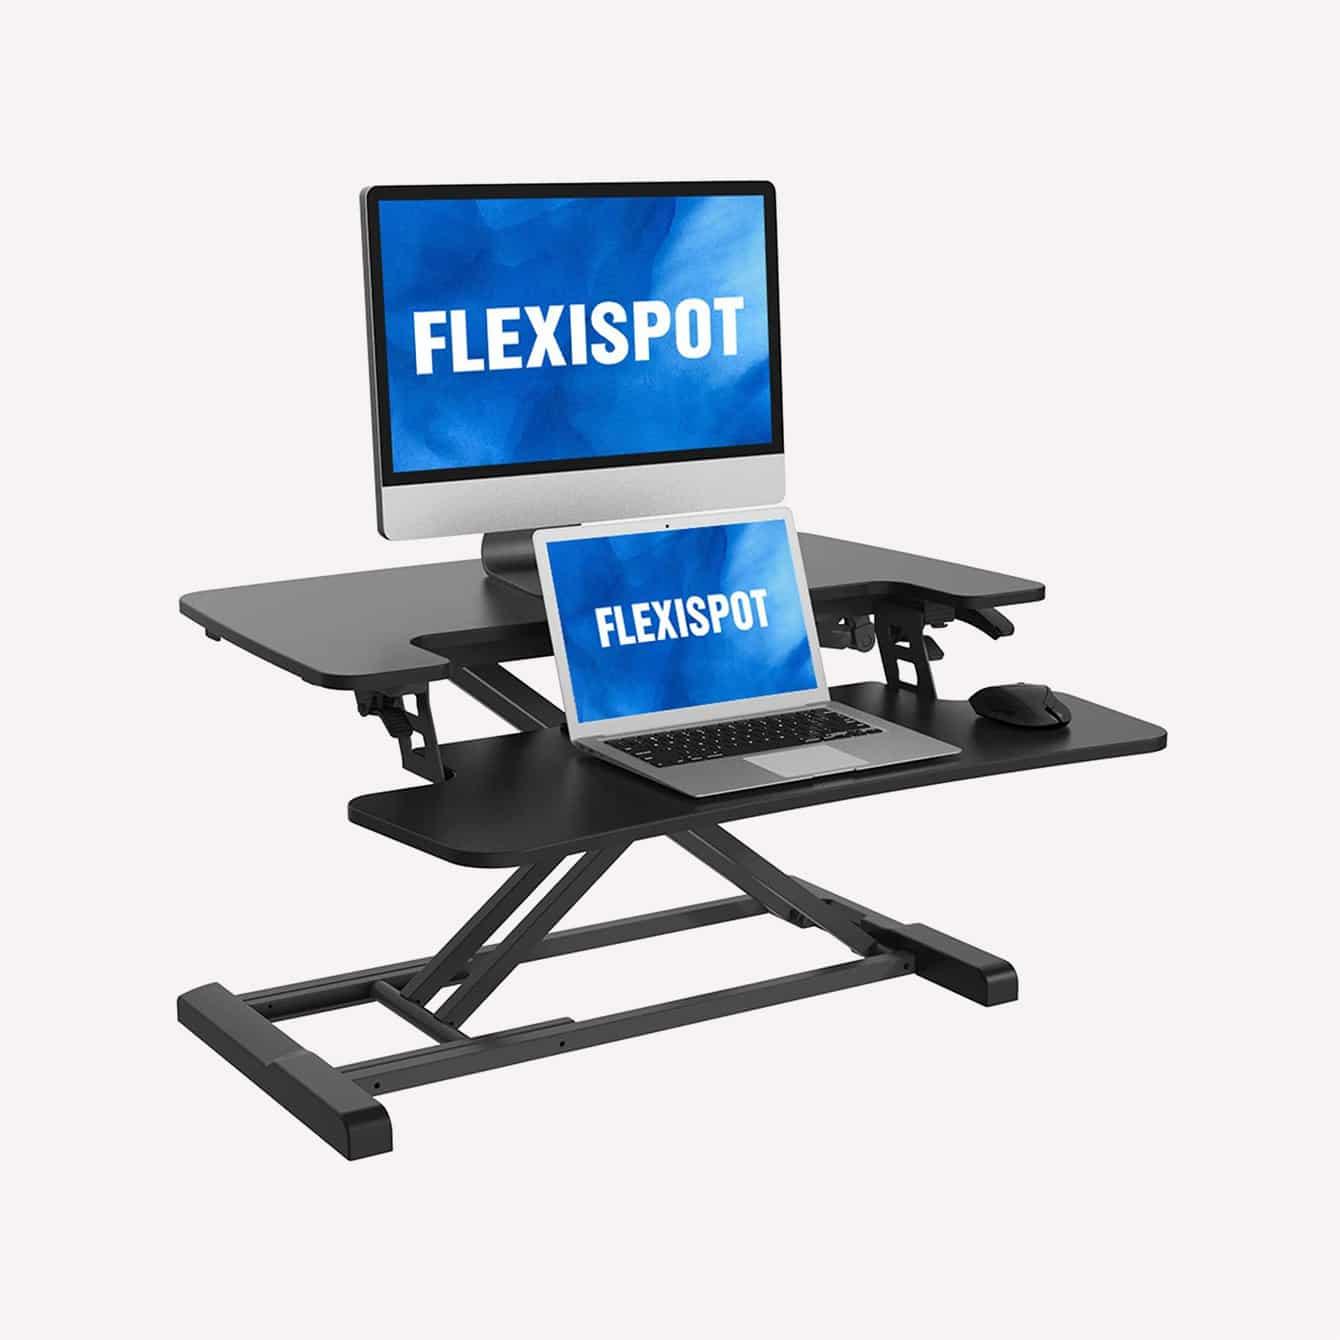 FlexiSpot Stand Up Desk Converter